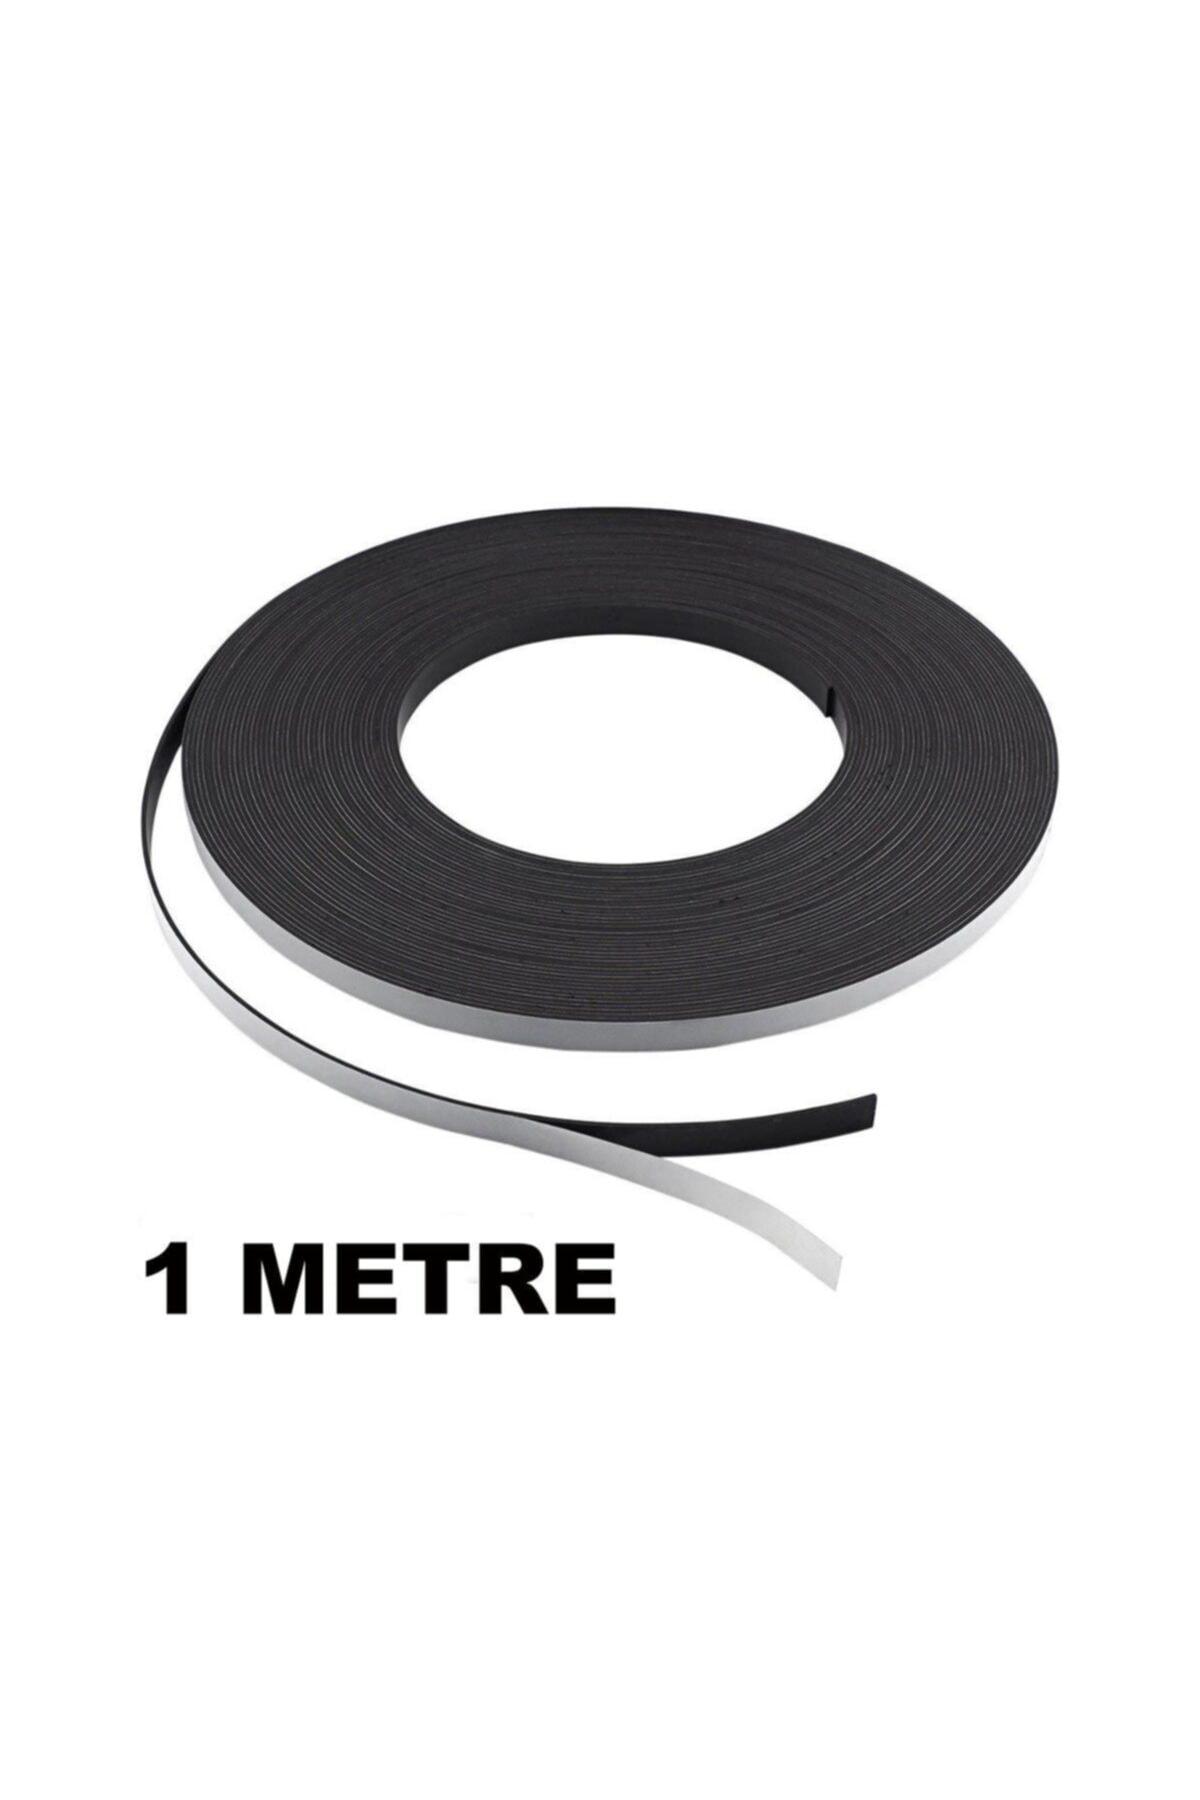 Dünya Magnet 1 Metre Şerit Magnet Mıknatıs - Arkası Yapışkanlı Çıkartmalı 1